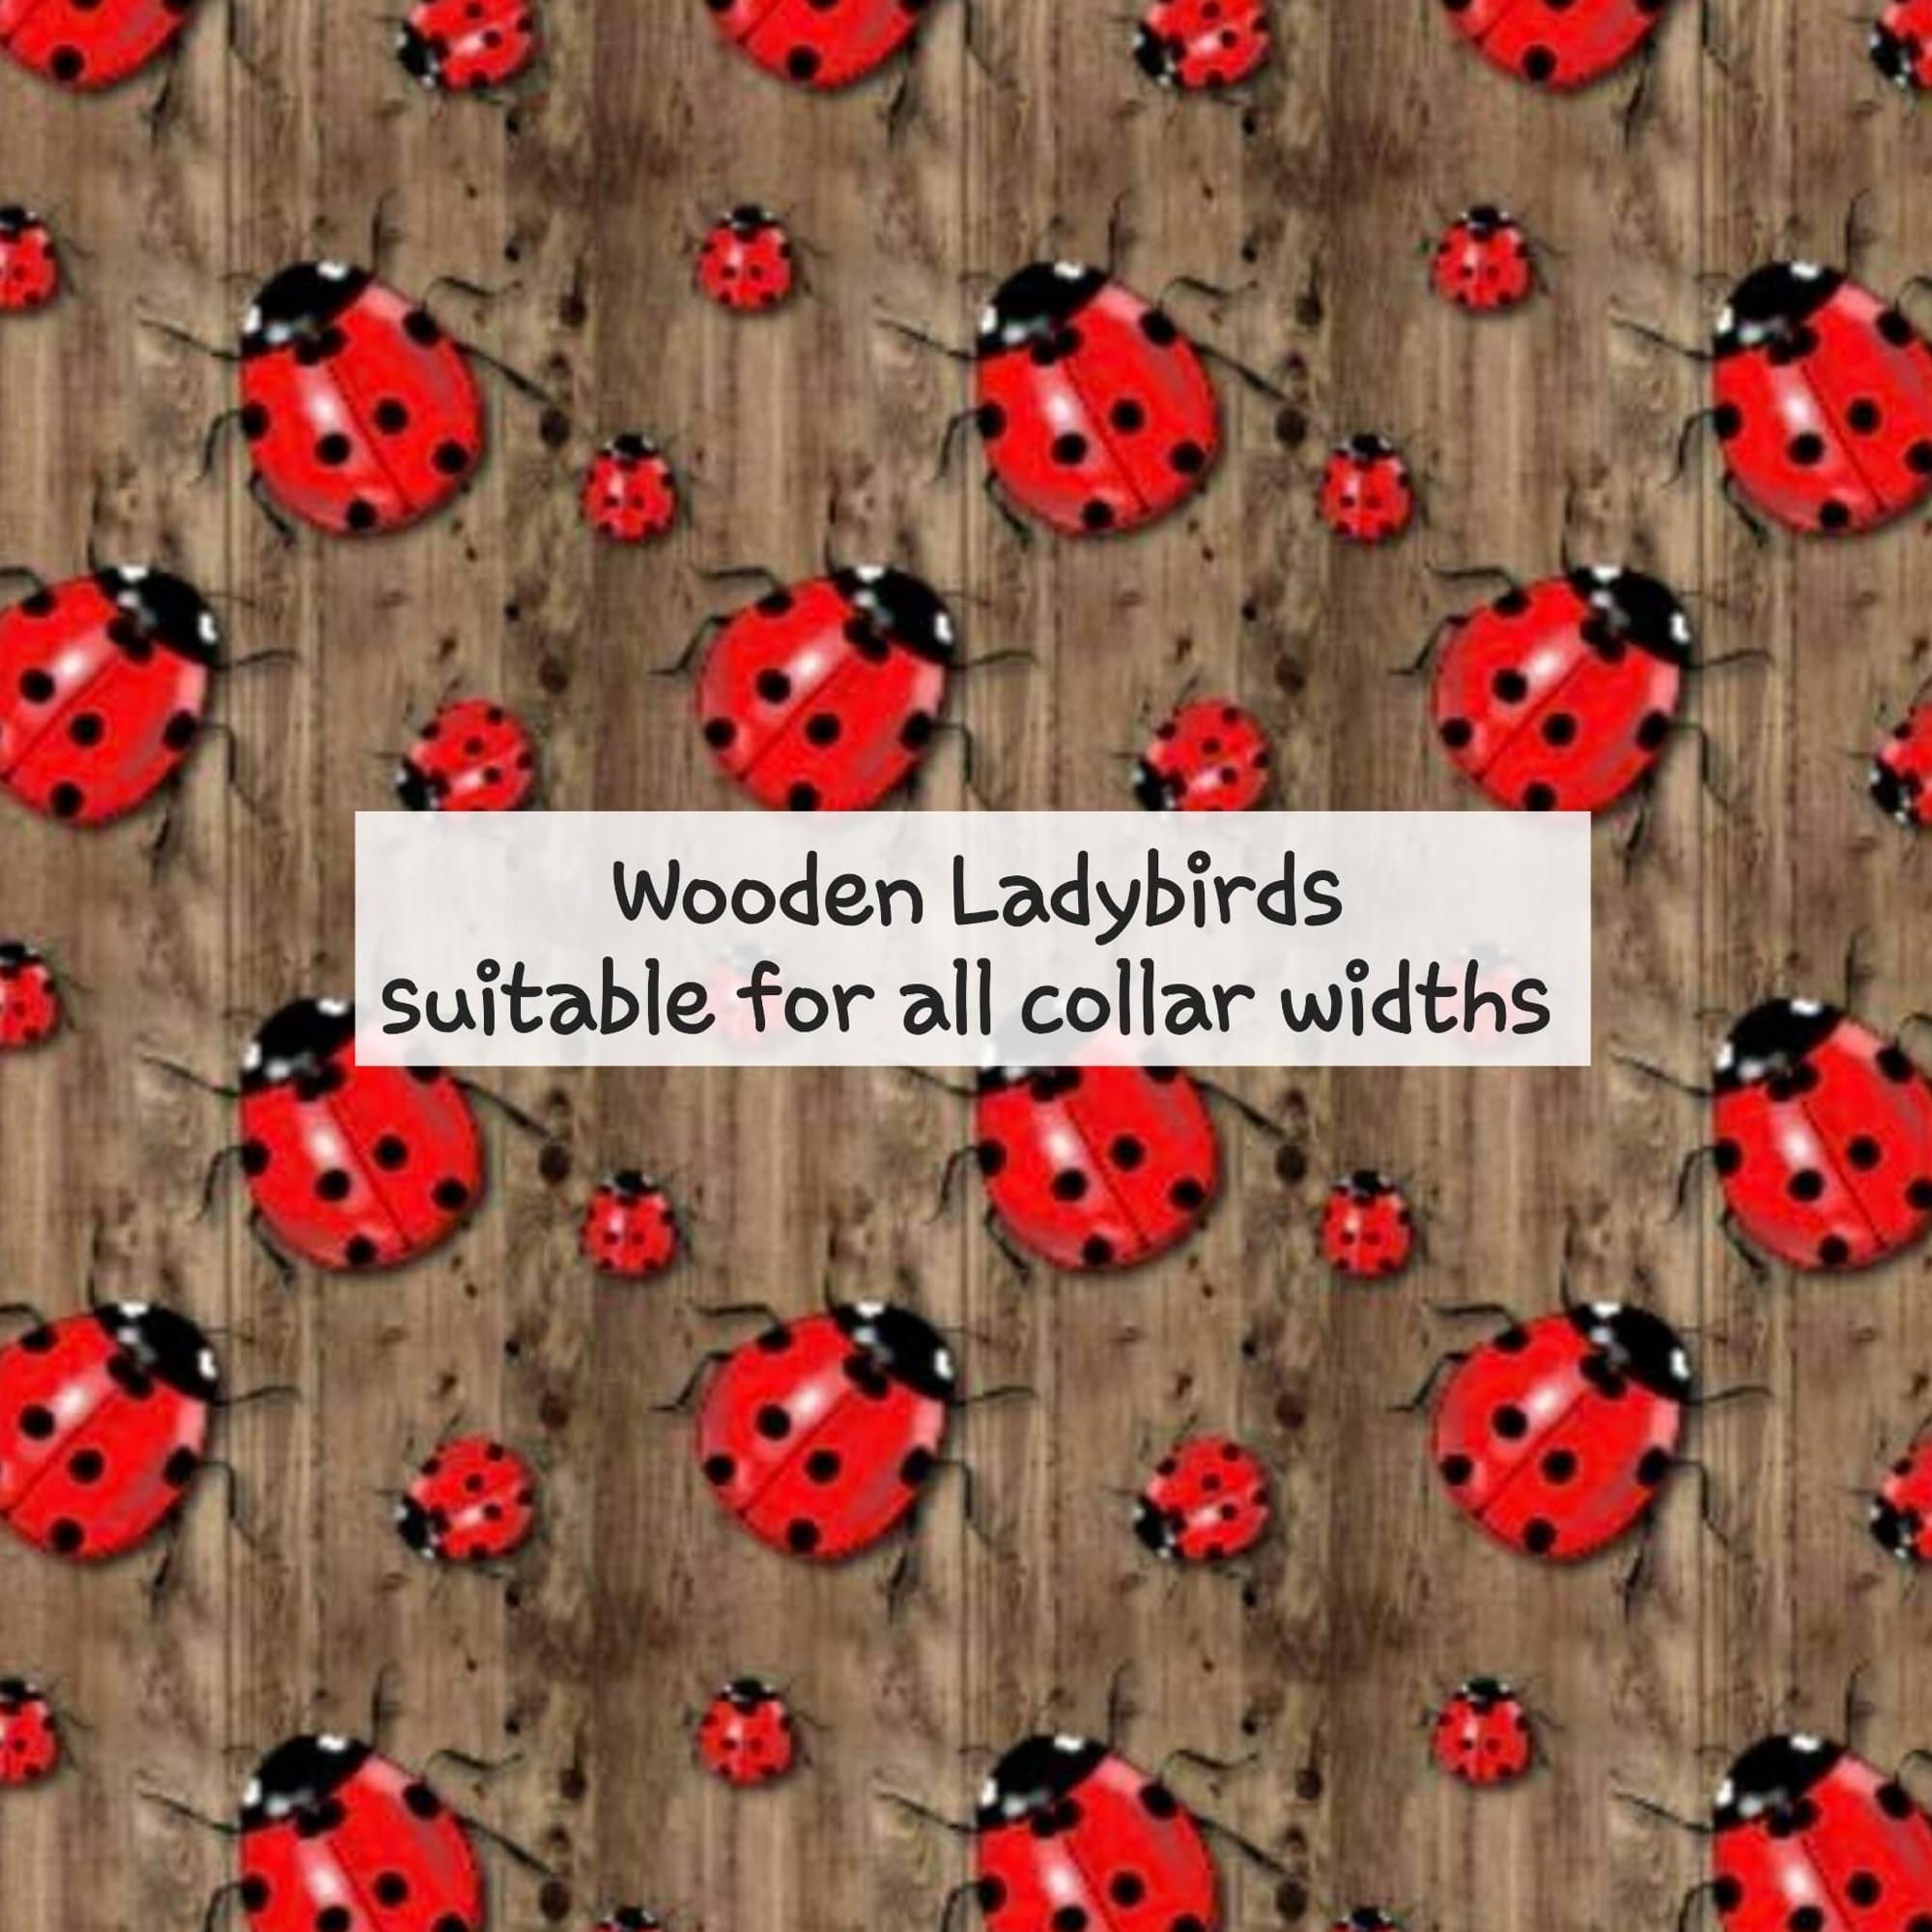 Wooden Ladybirds